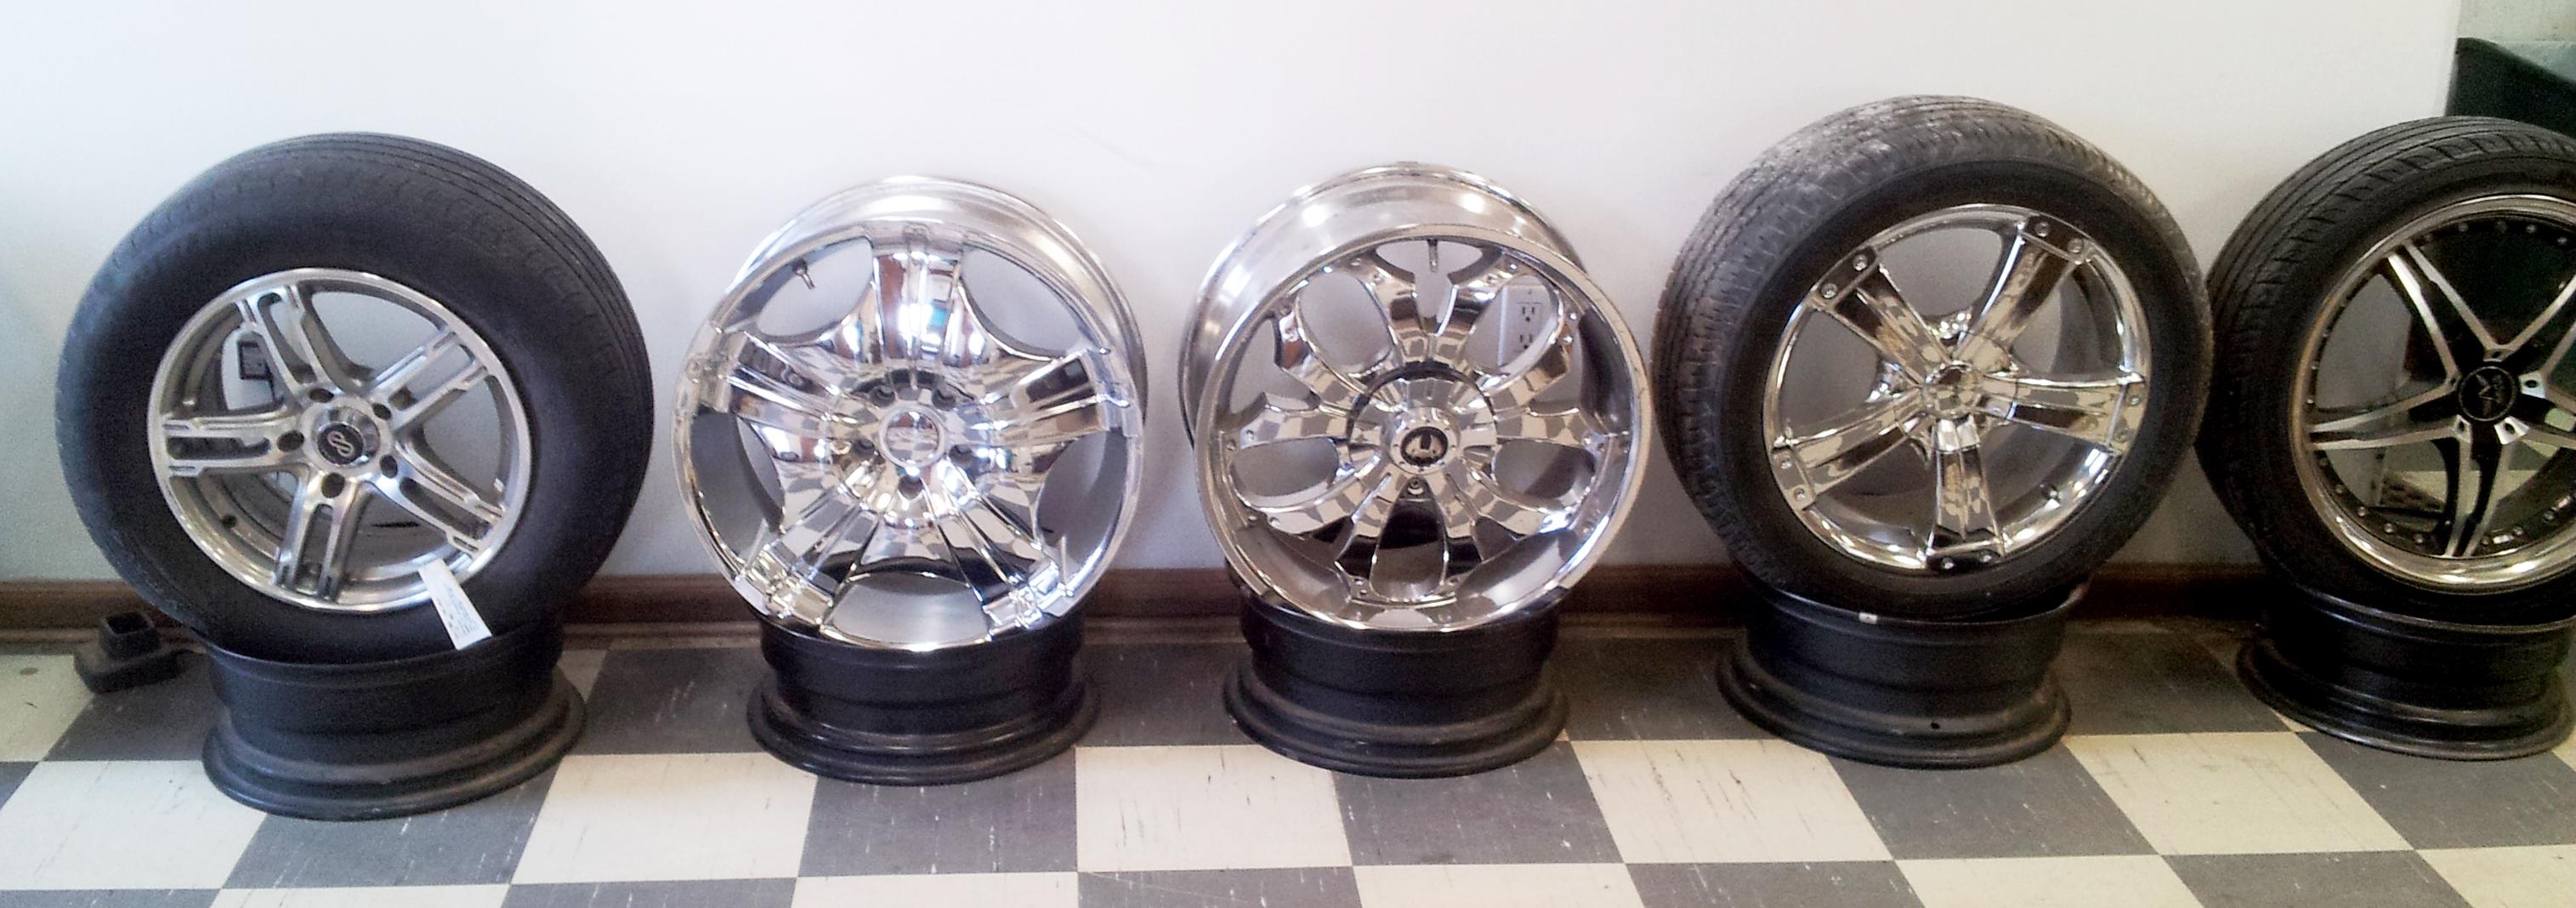 Shiny alloy wheels